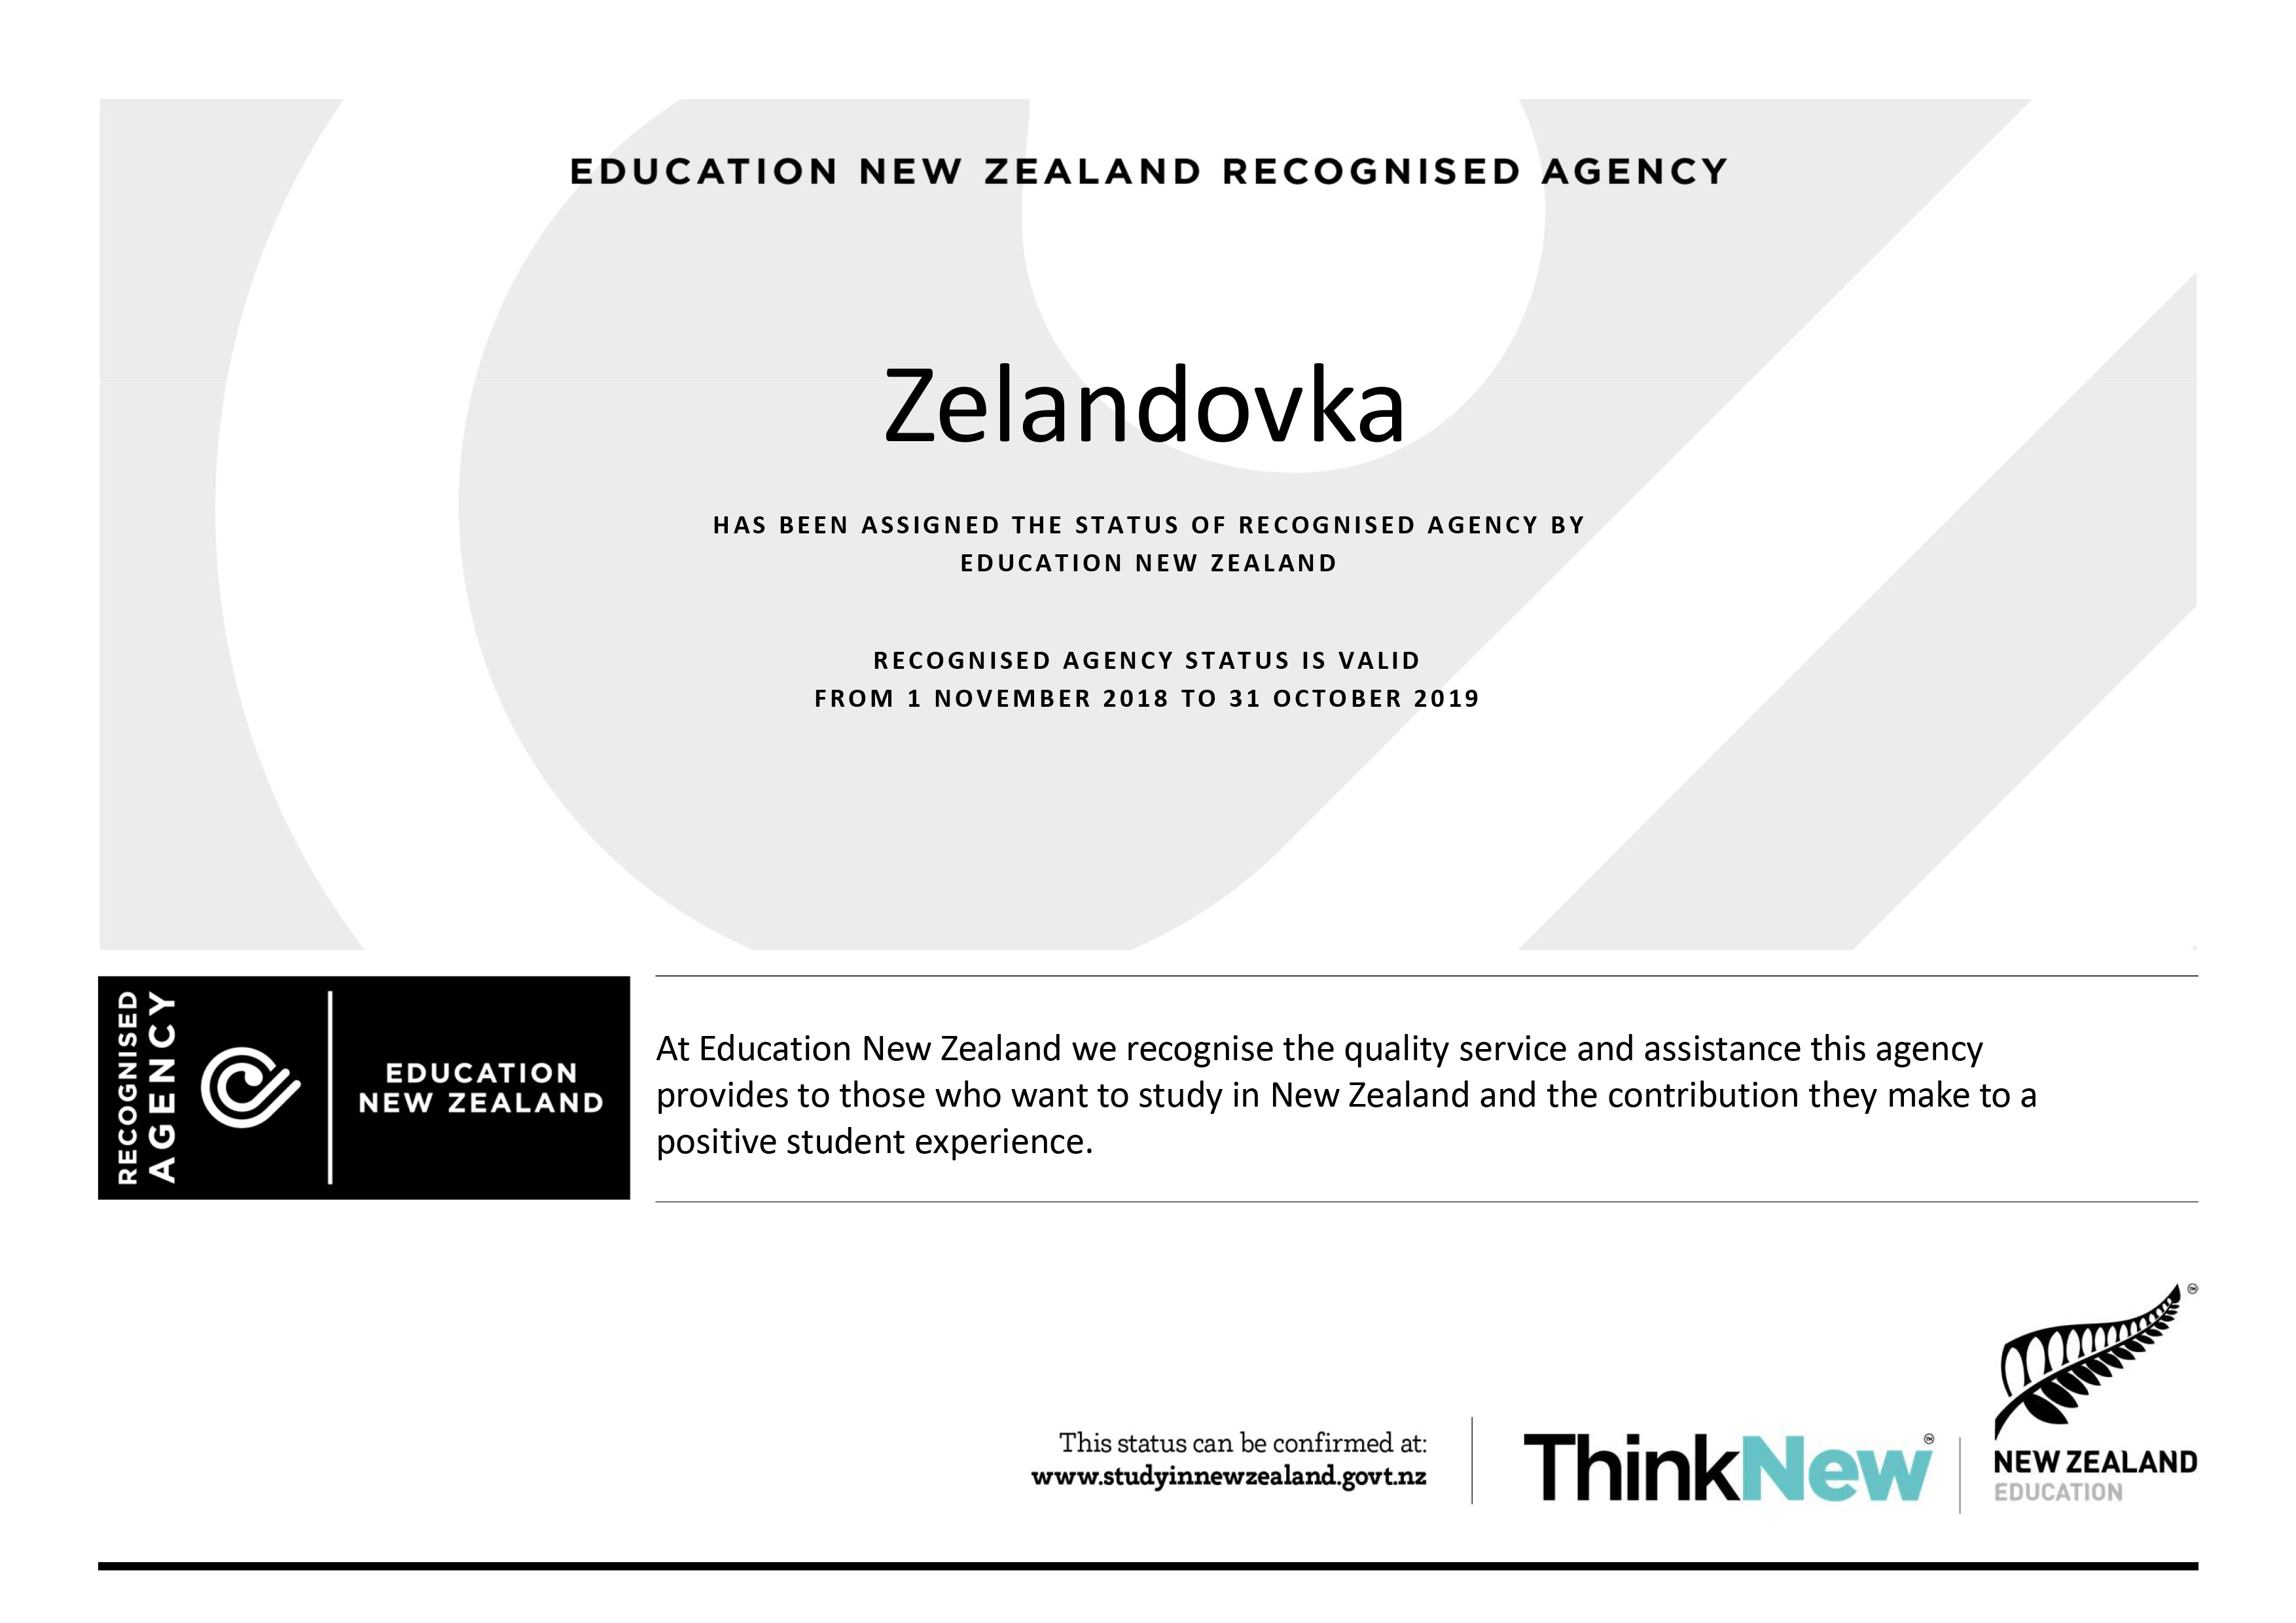 Zelandovka - ENZ Recognised Agency